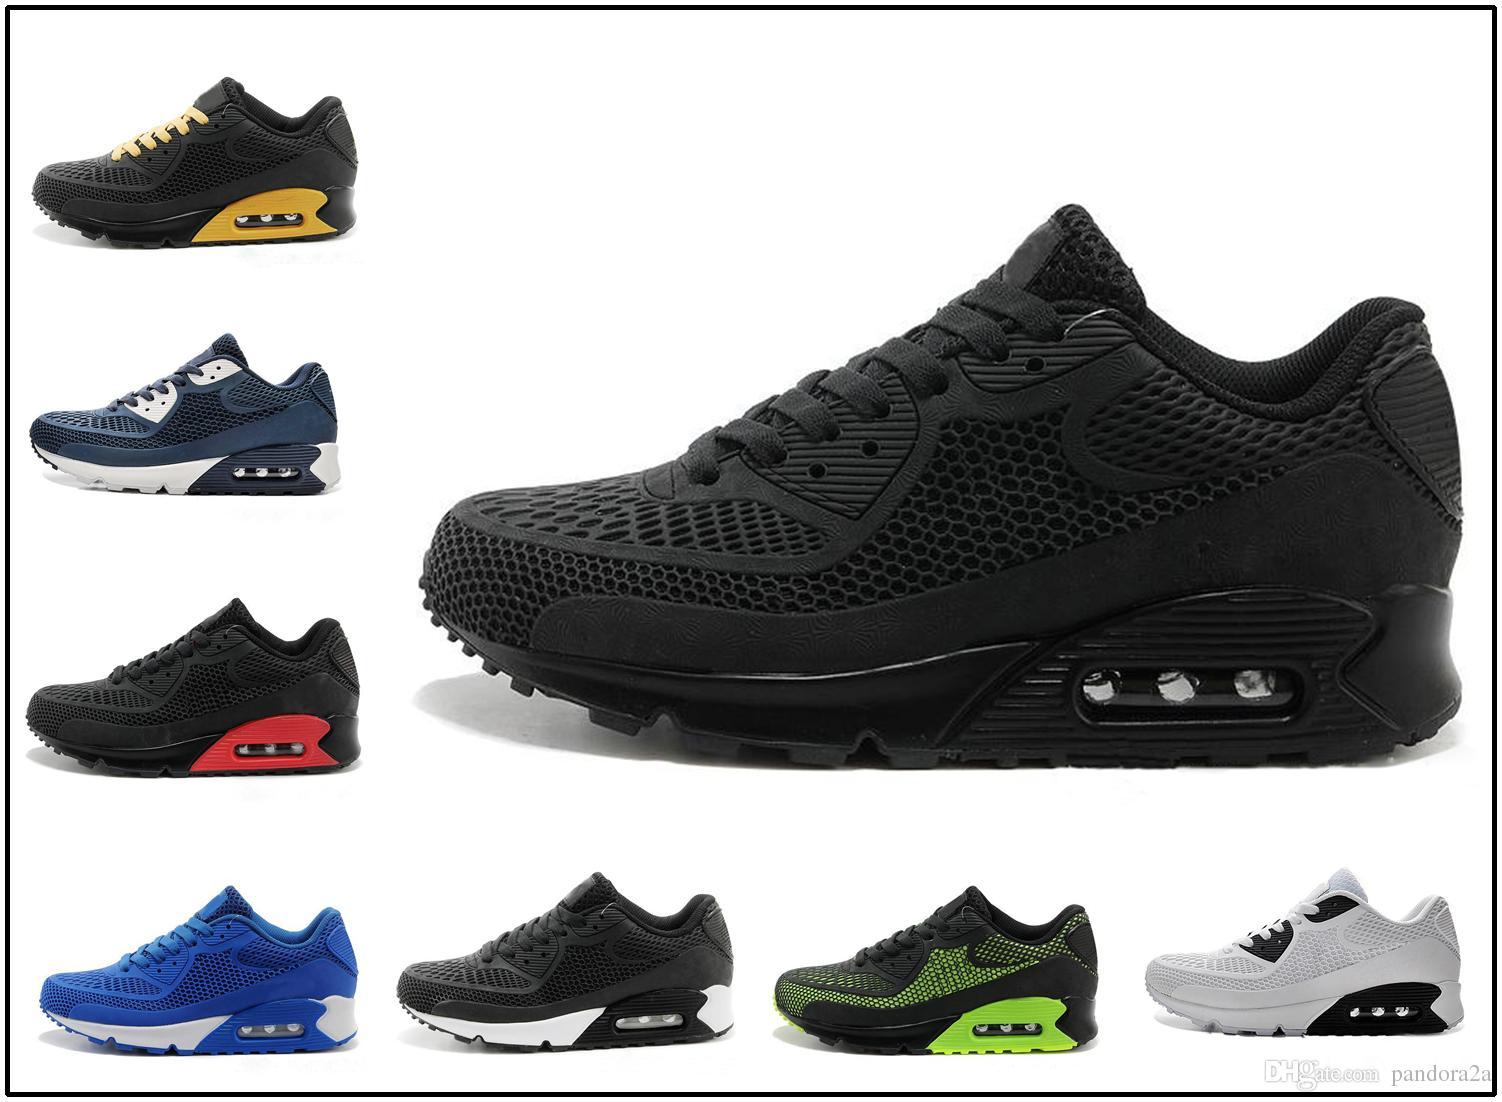 new styles a9591 b6547 Acheter Nike Air Max Airmax 90 Kpu 2018 Nouveau Chaussures De Course  Coussin 90 KPU Hommes Femmes Baskets De Haute Qualité Pas Cher Tous Noir  Chaussure ...